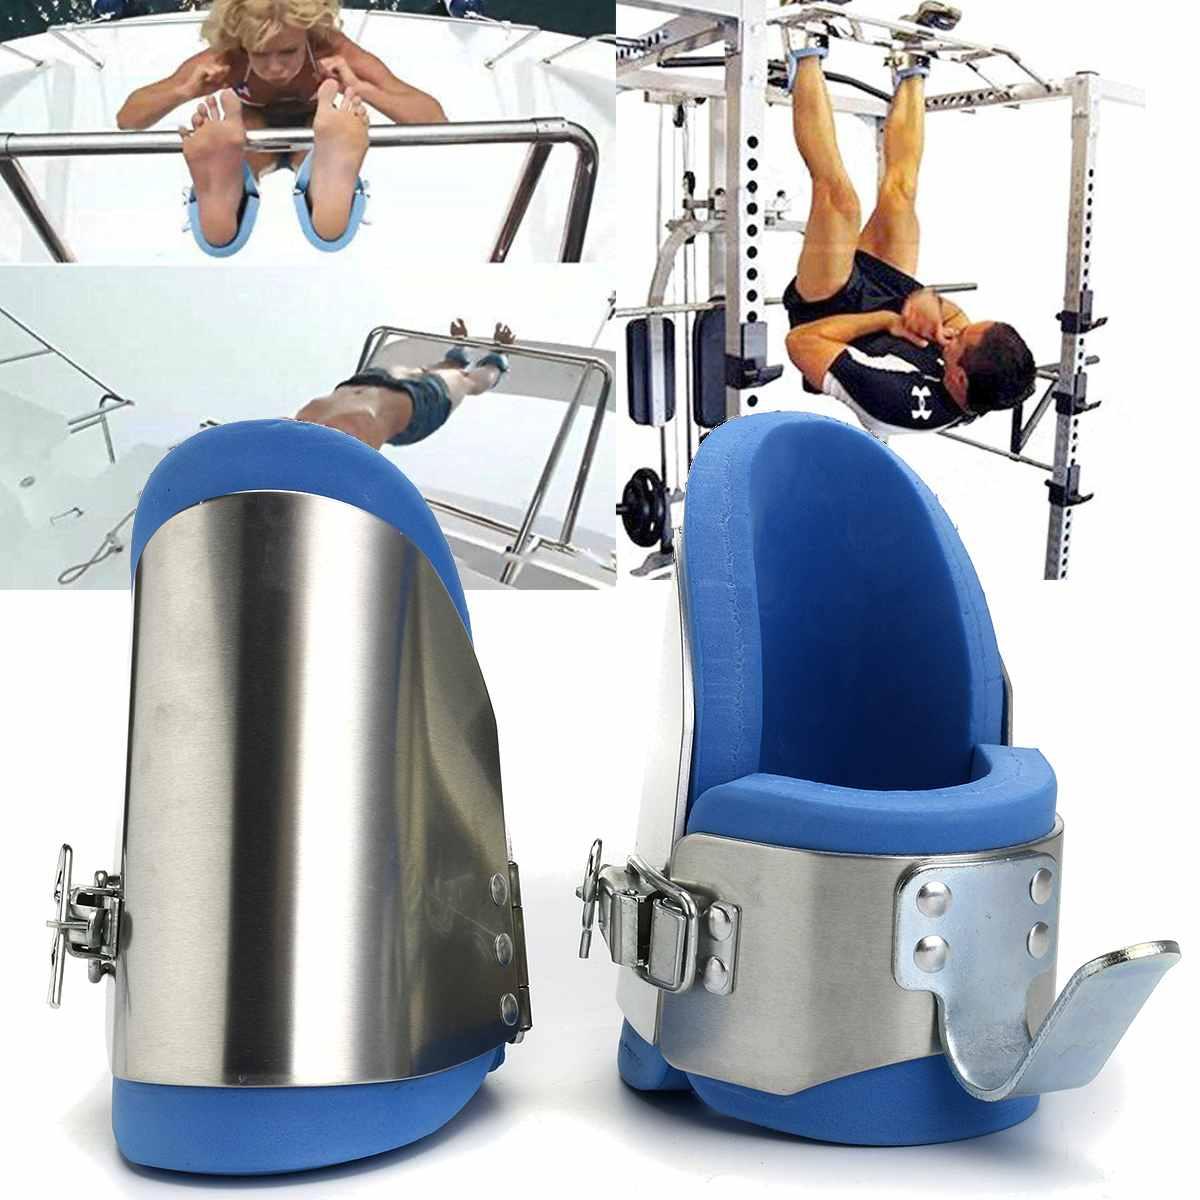 1 paire de bottes gravité Inversion Aluminium cheville gravité bottes thérapie Gym Fitness accrocher colonne vertébrale Posture dos Sport équipement d'entraînement